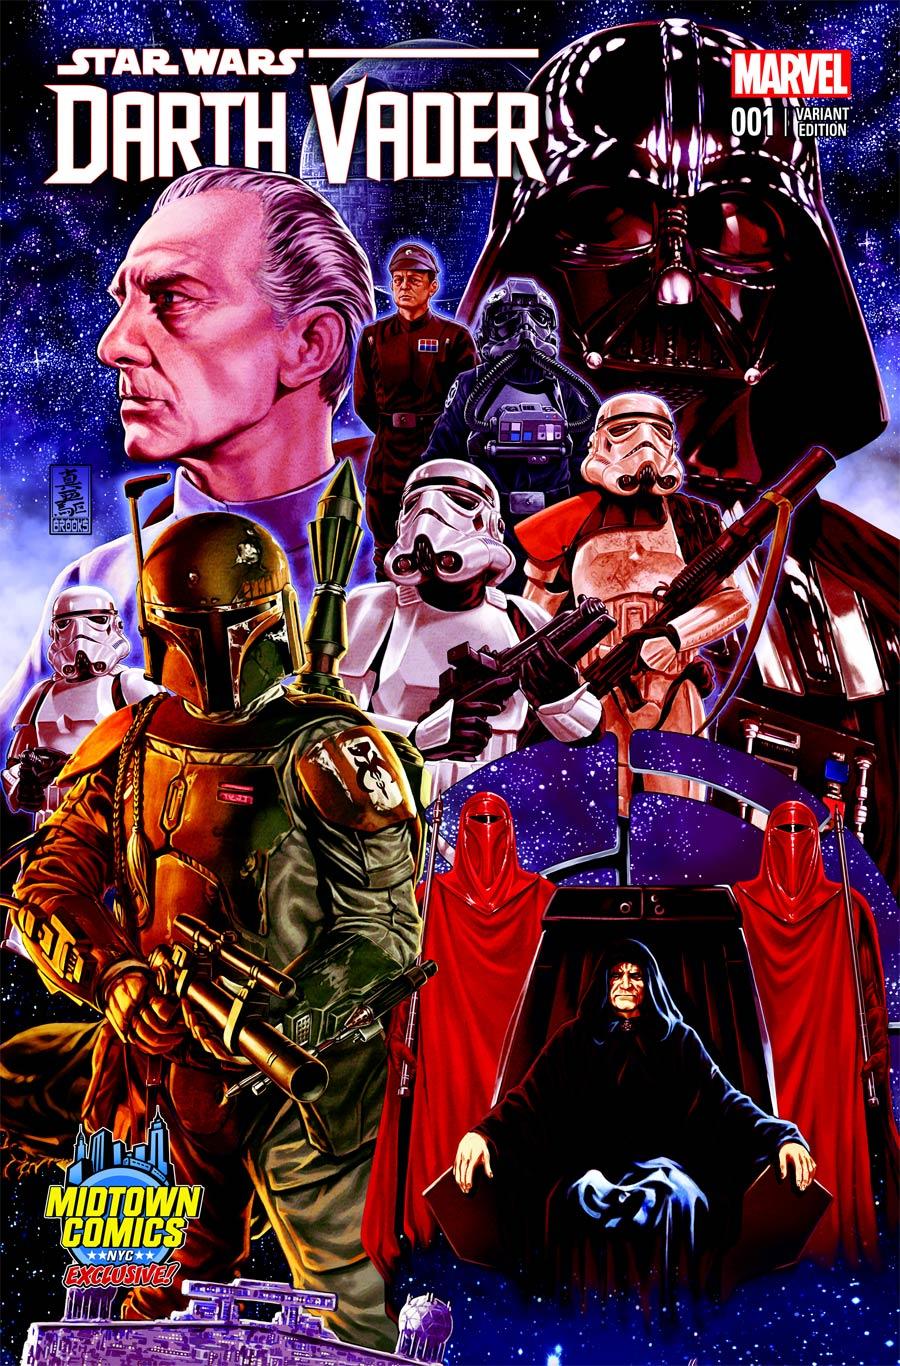 Darth Vader #1 (Midtown Comics Exclusive) (2015)